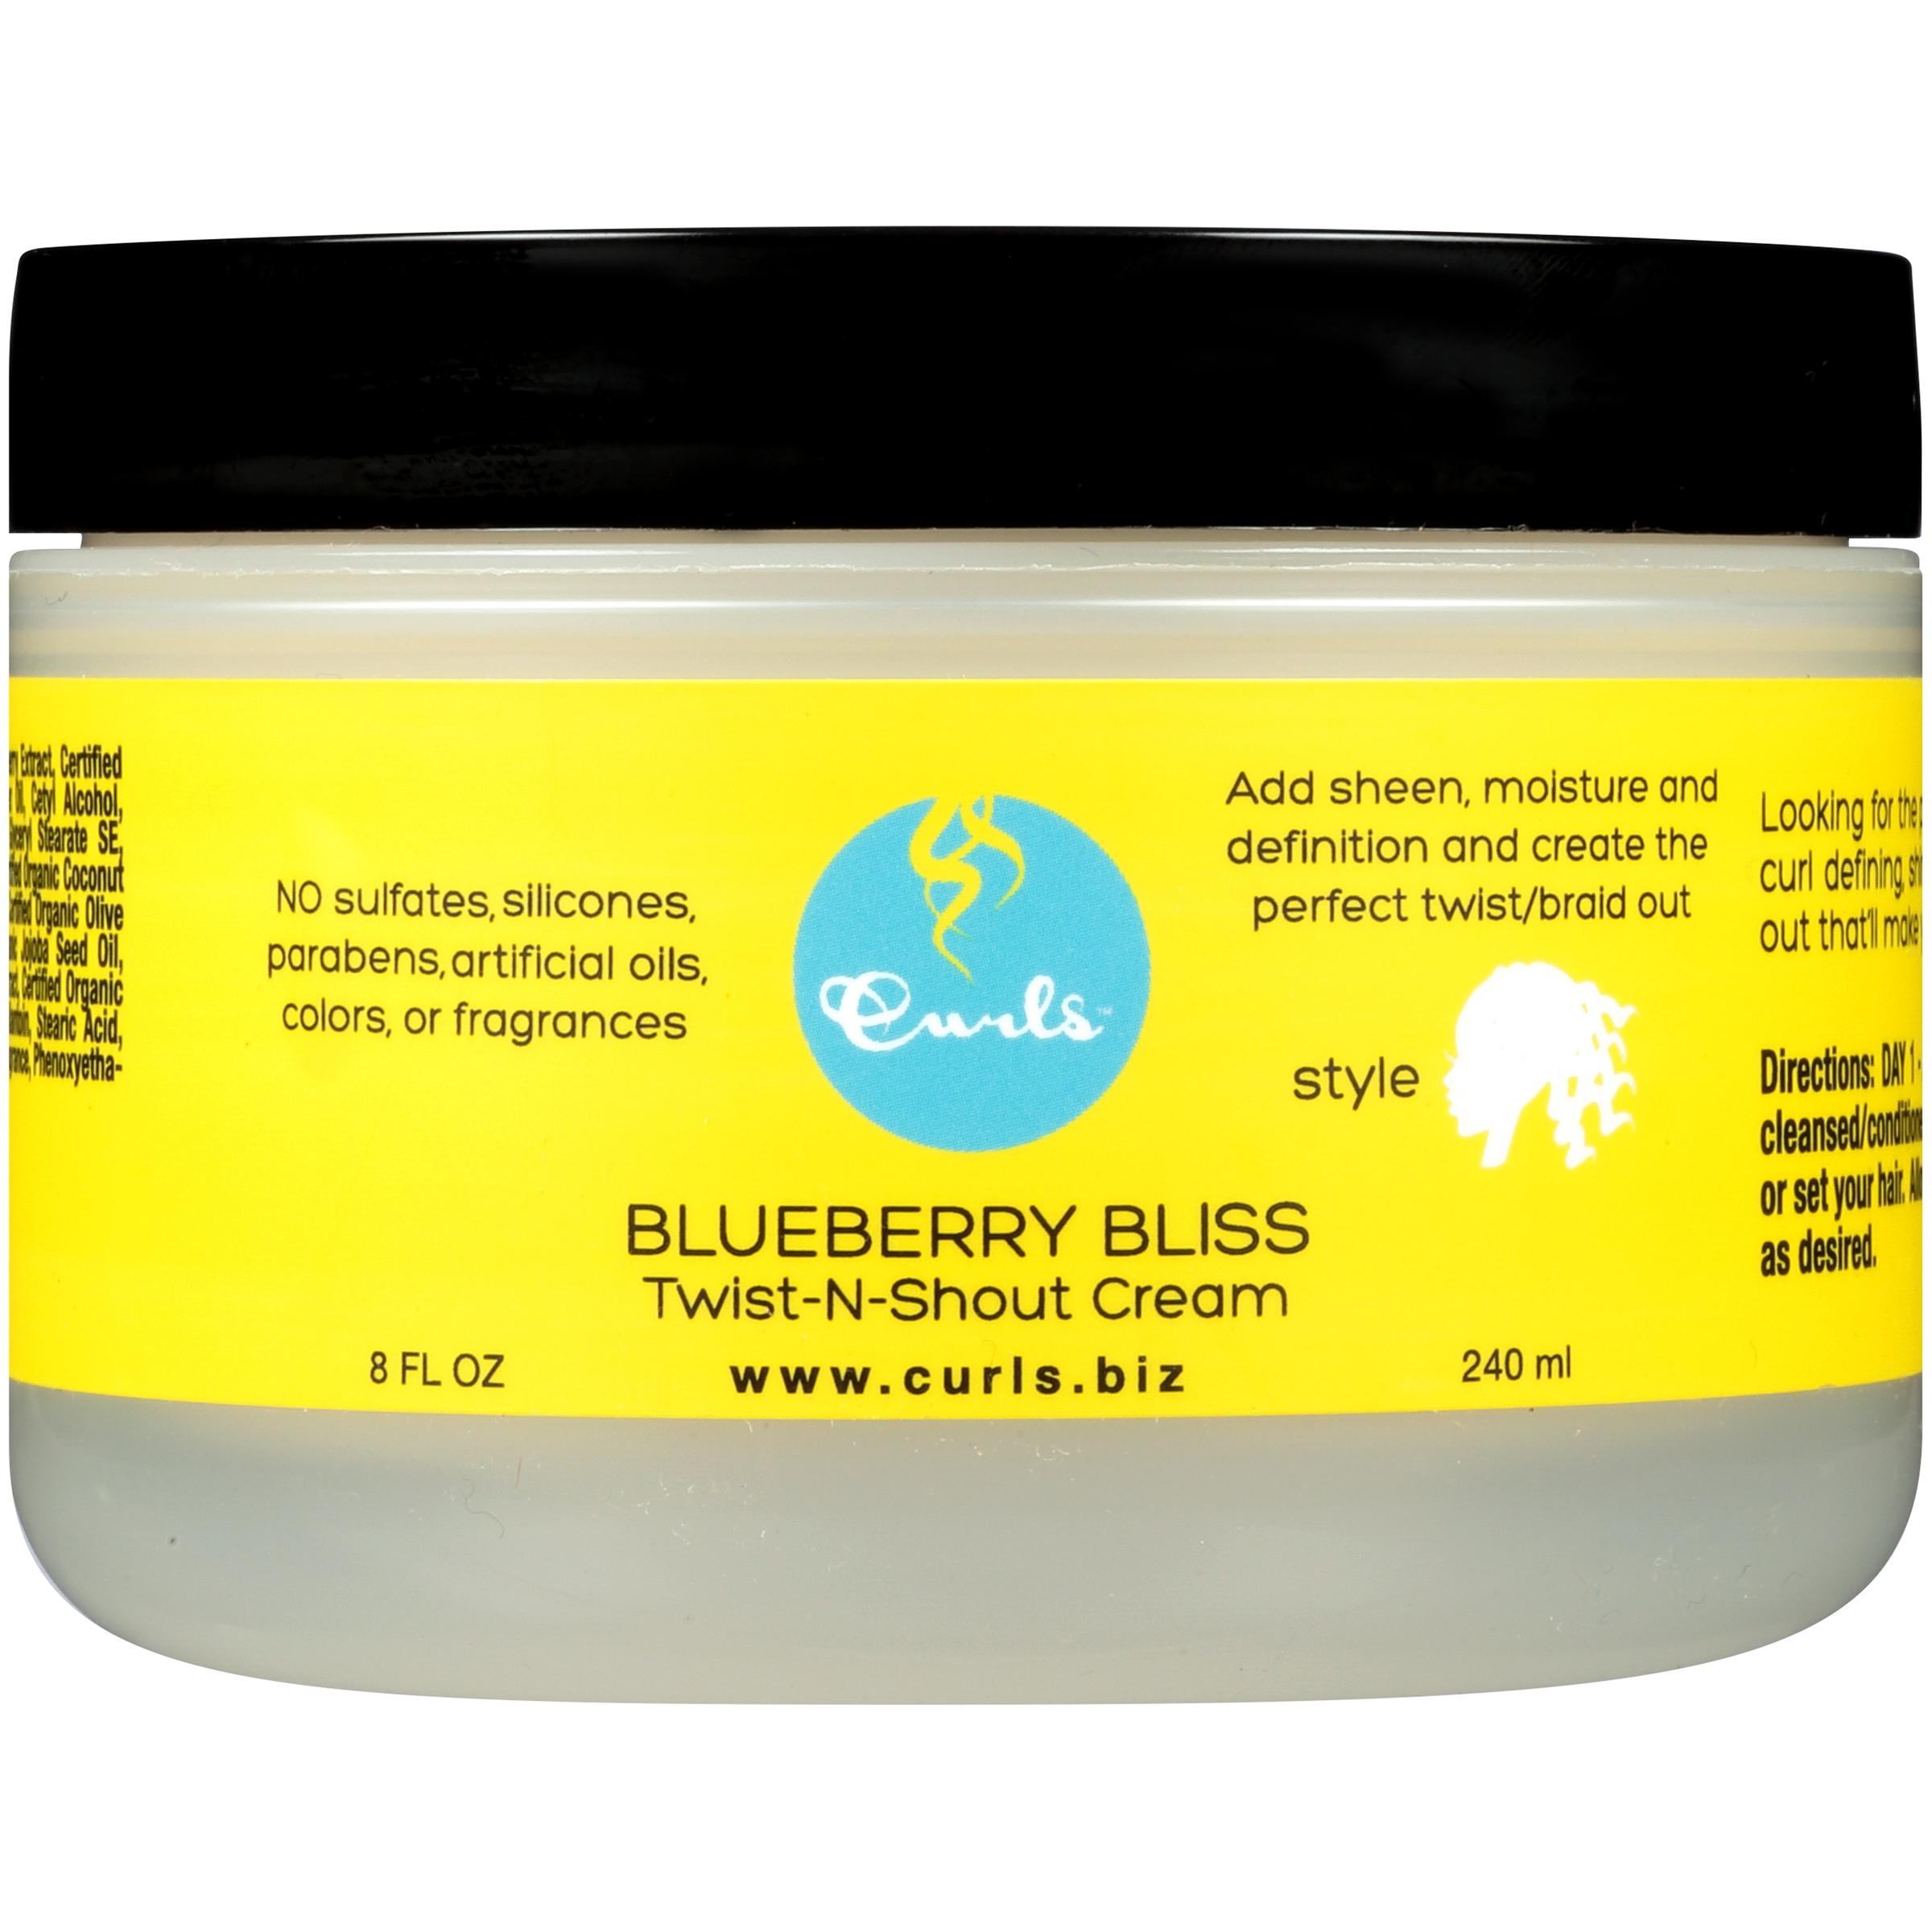 Curls™ Blueberry Bliss Twist-n-Shout Cream 8 fl. oz. Jar